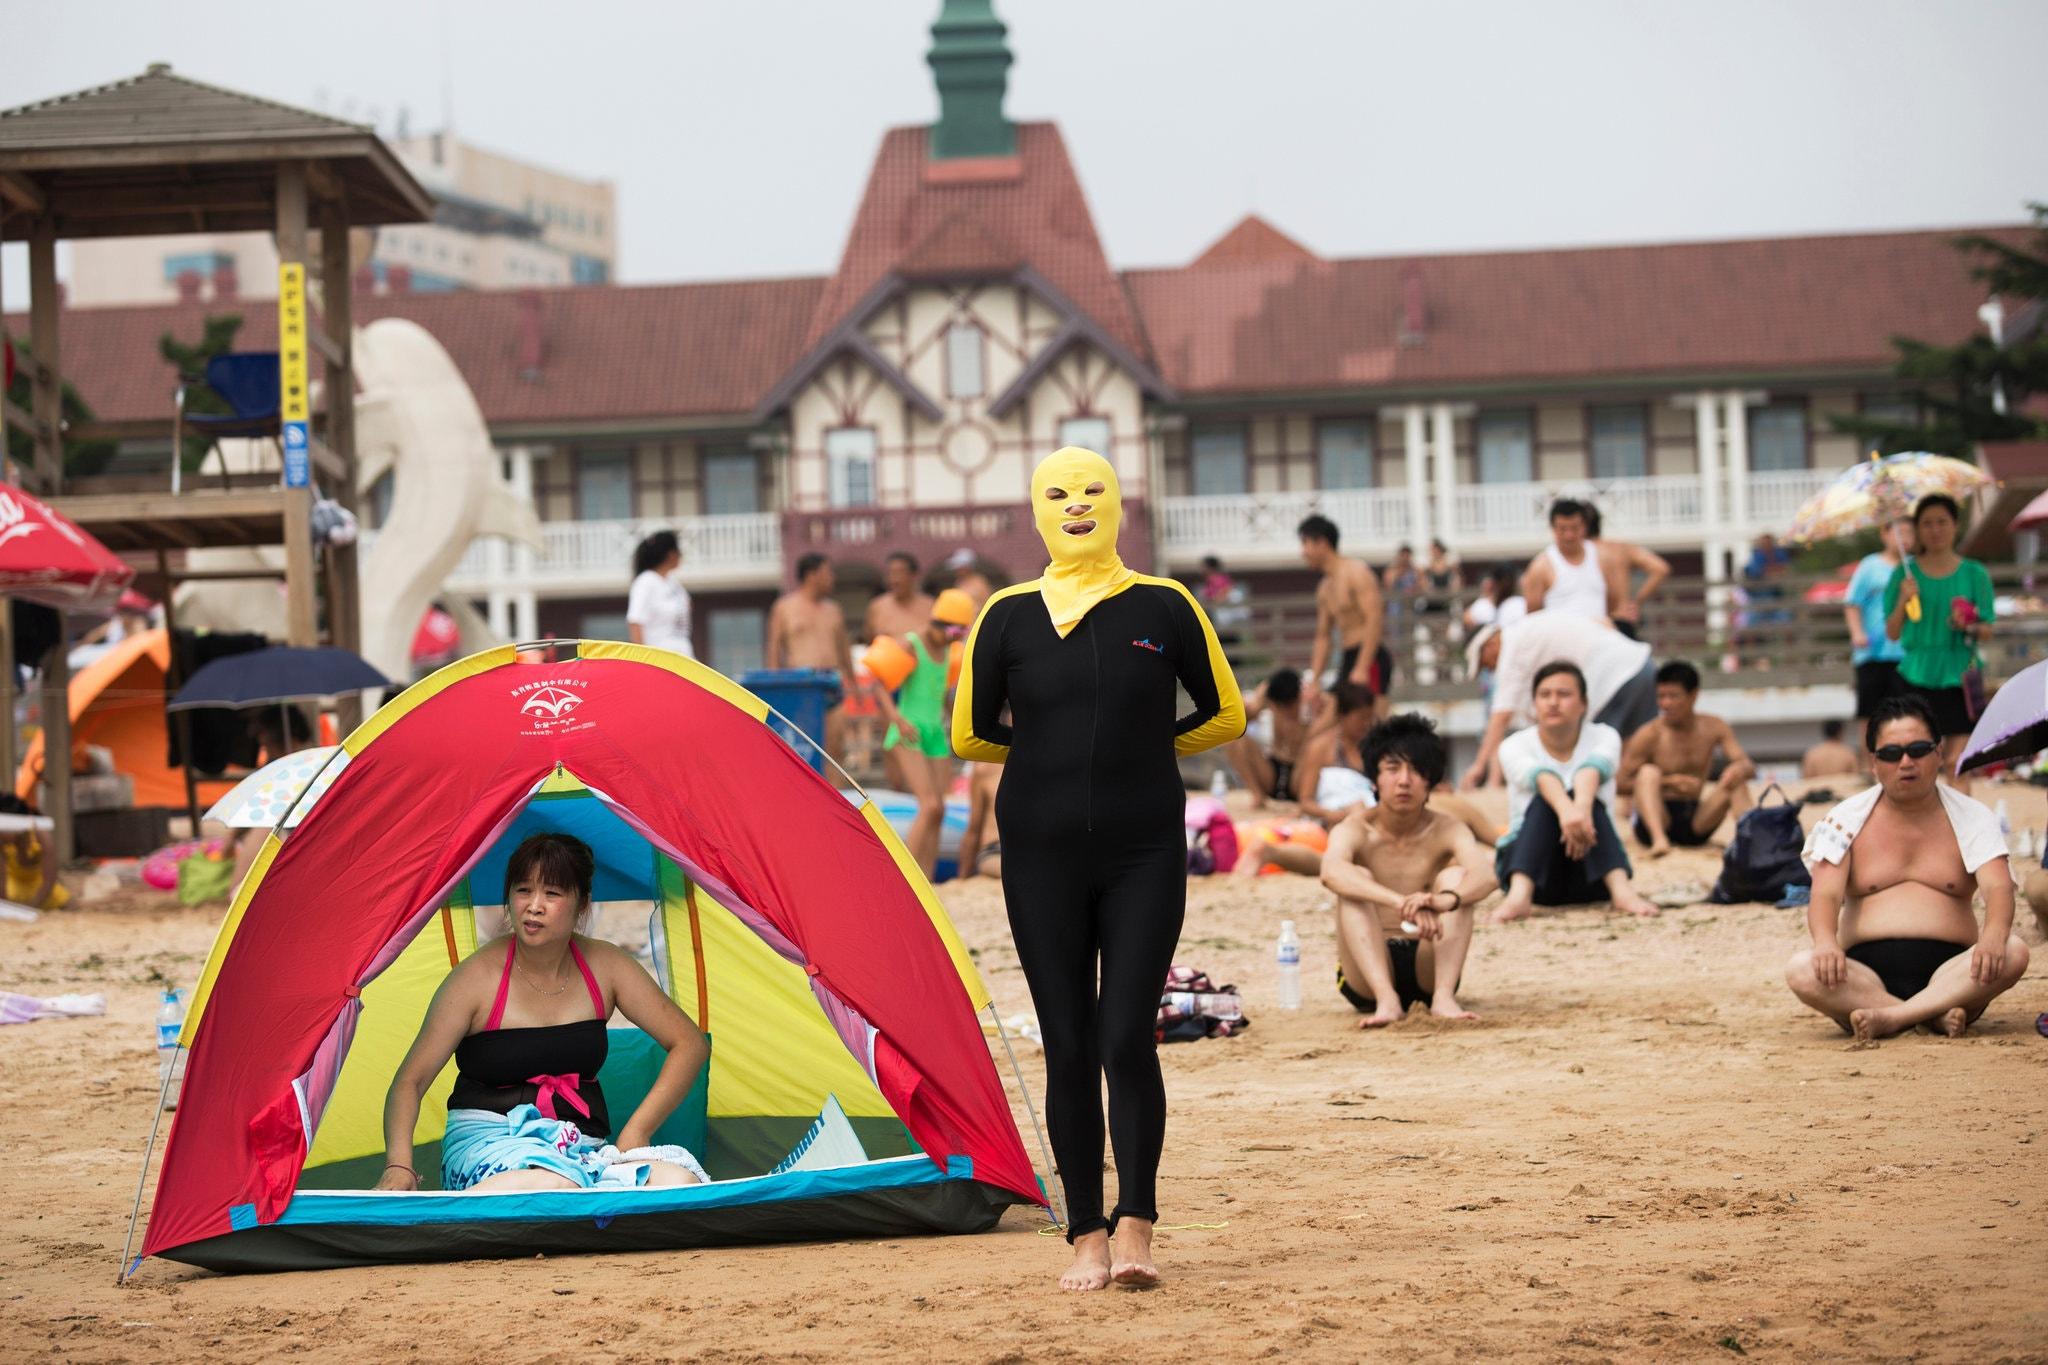 bijzondere zonbescherming in China